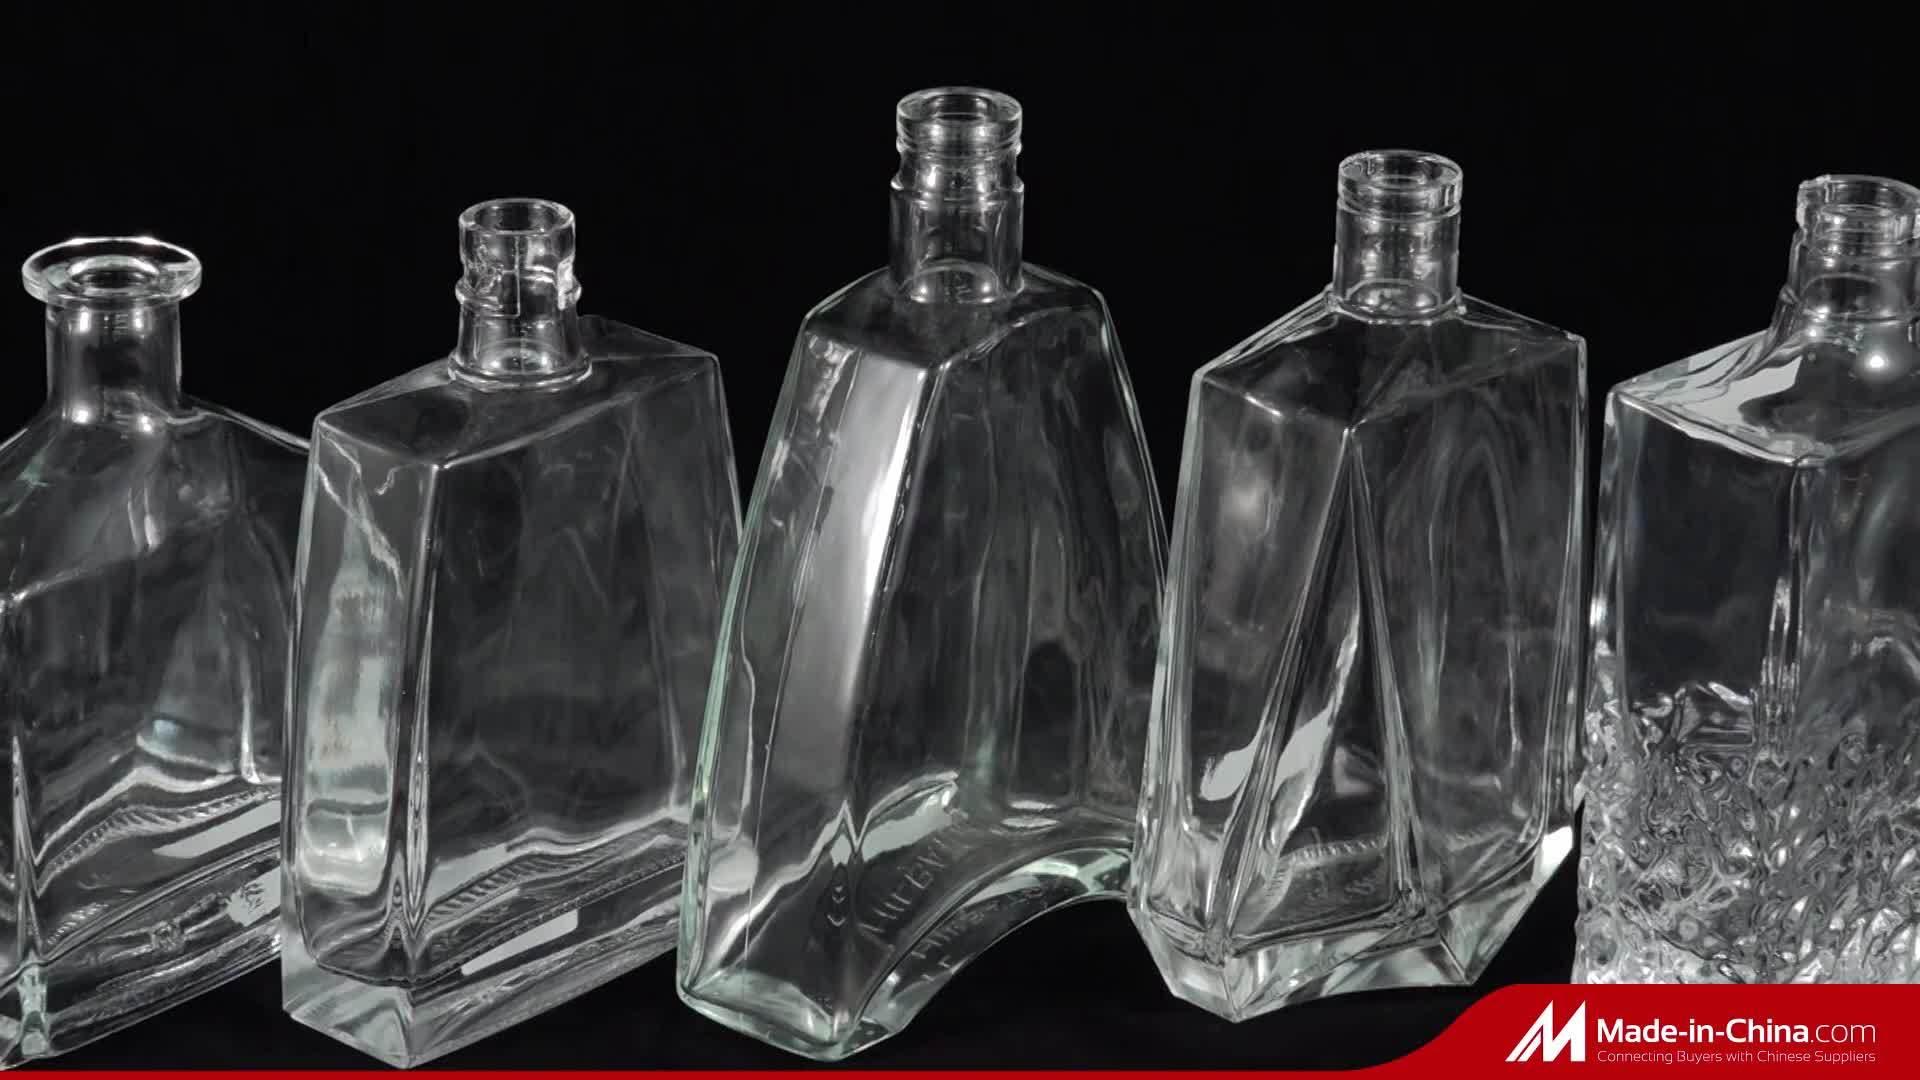 Bouteille de vin spéciale 750 ml de vodka en verre pulvérisé avec Bois de liège